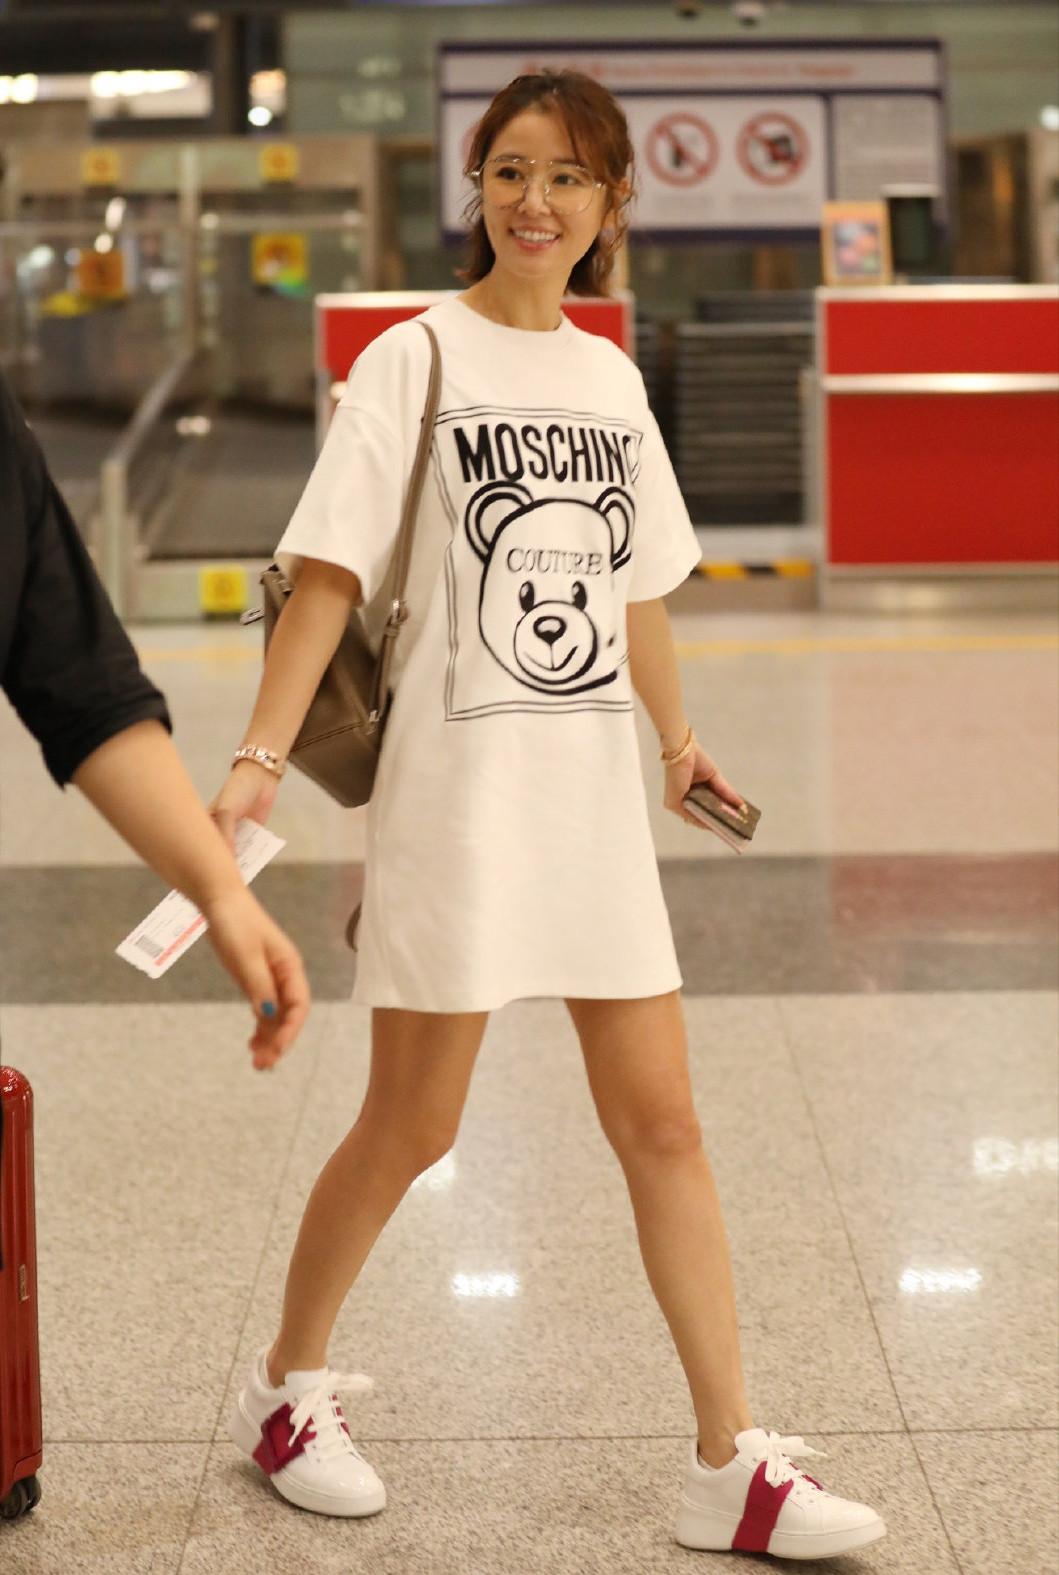 林心如现身机场,T恤裙配小白鞋,少女感十足